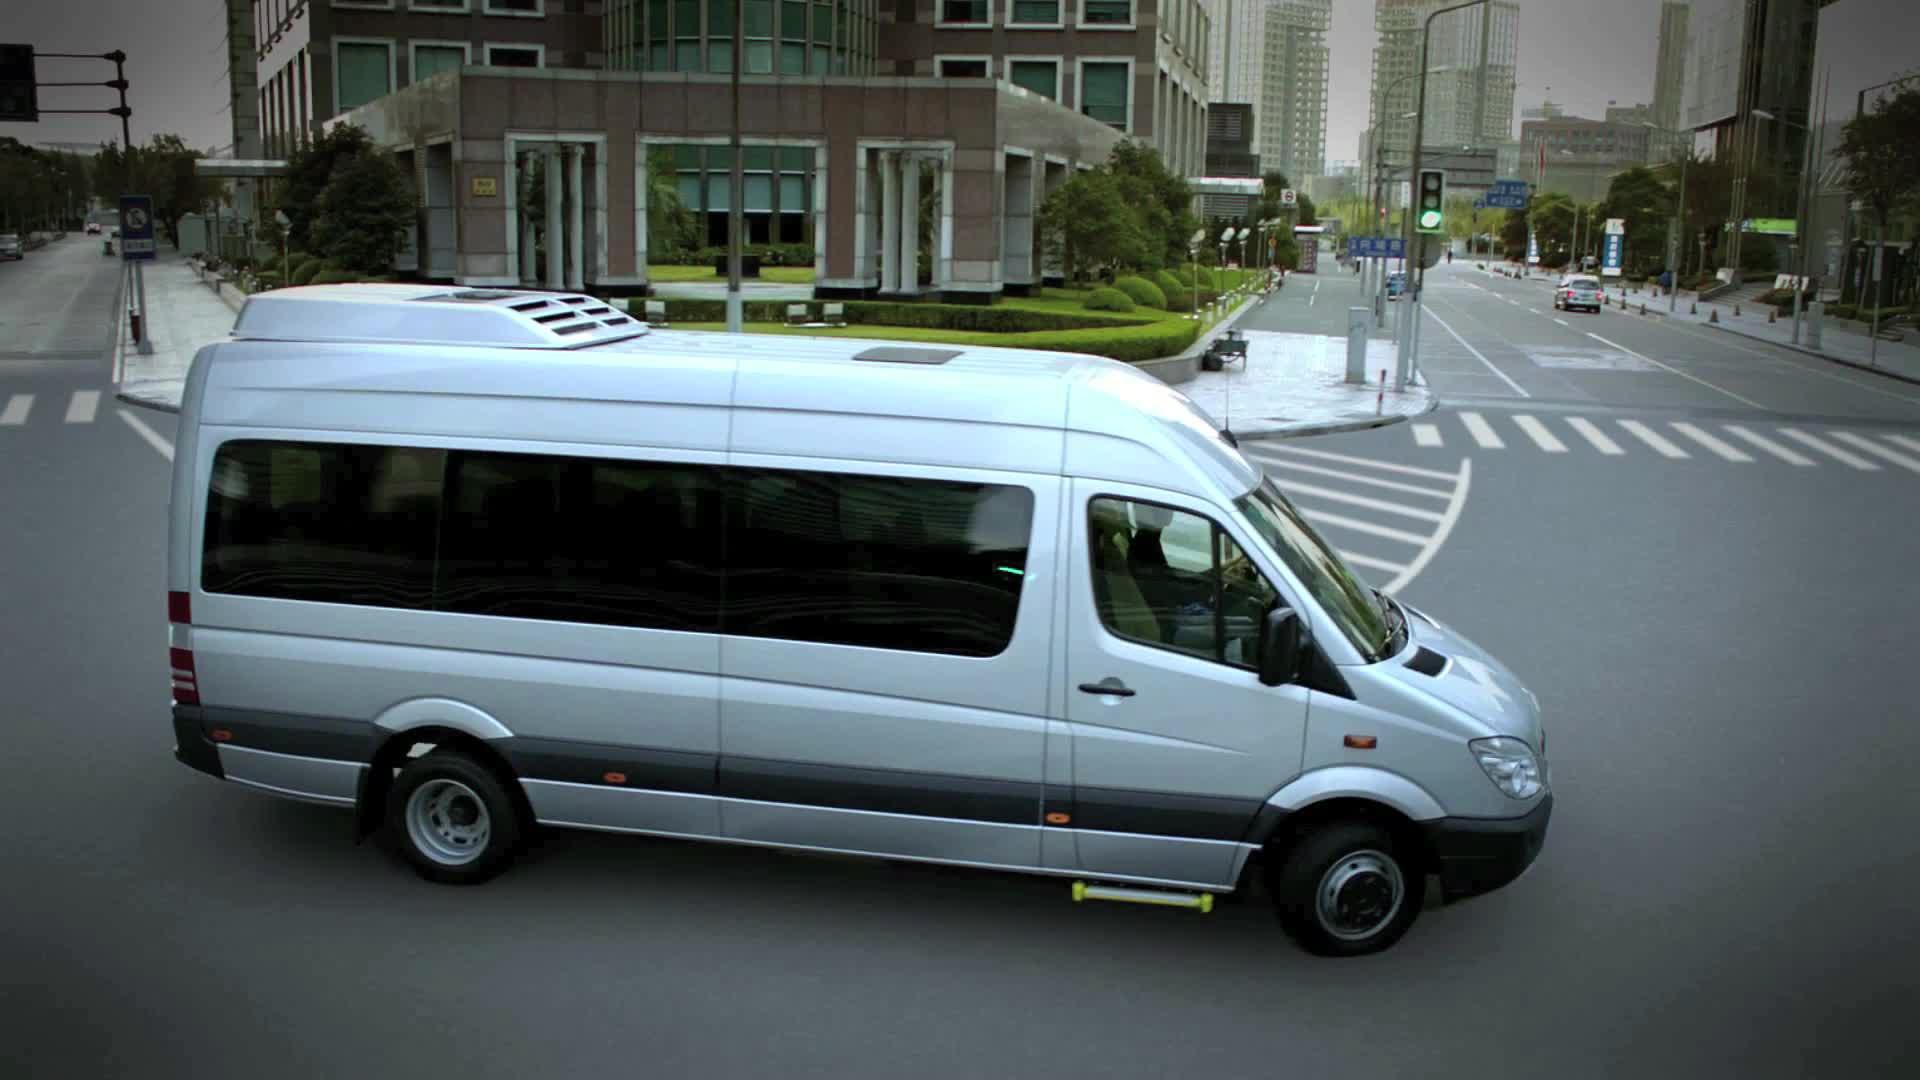 梅赛德斯 奔驰 凌特商务车 奔驰唯雅诺 总裁移动办公室